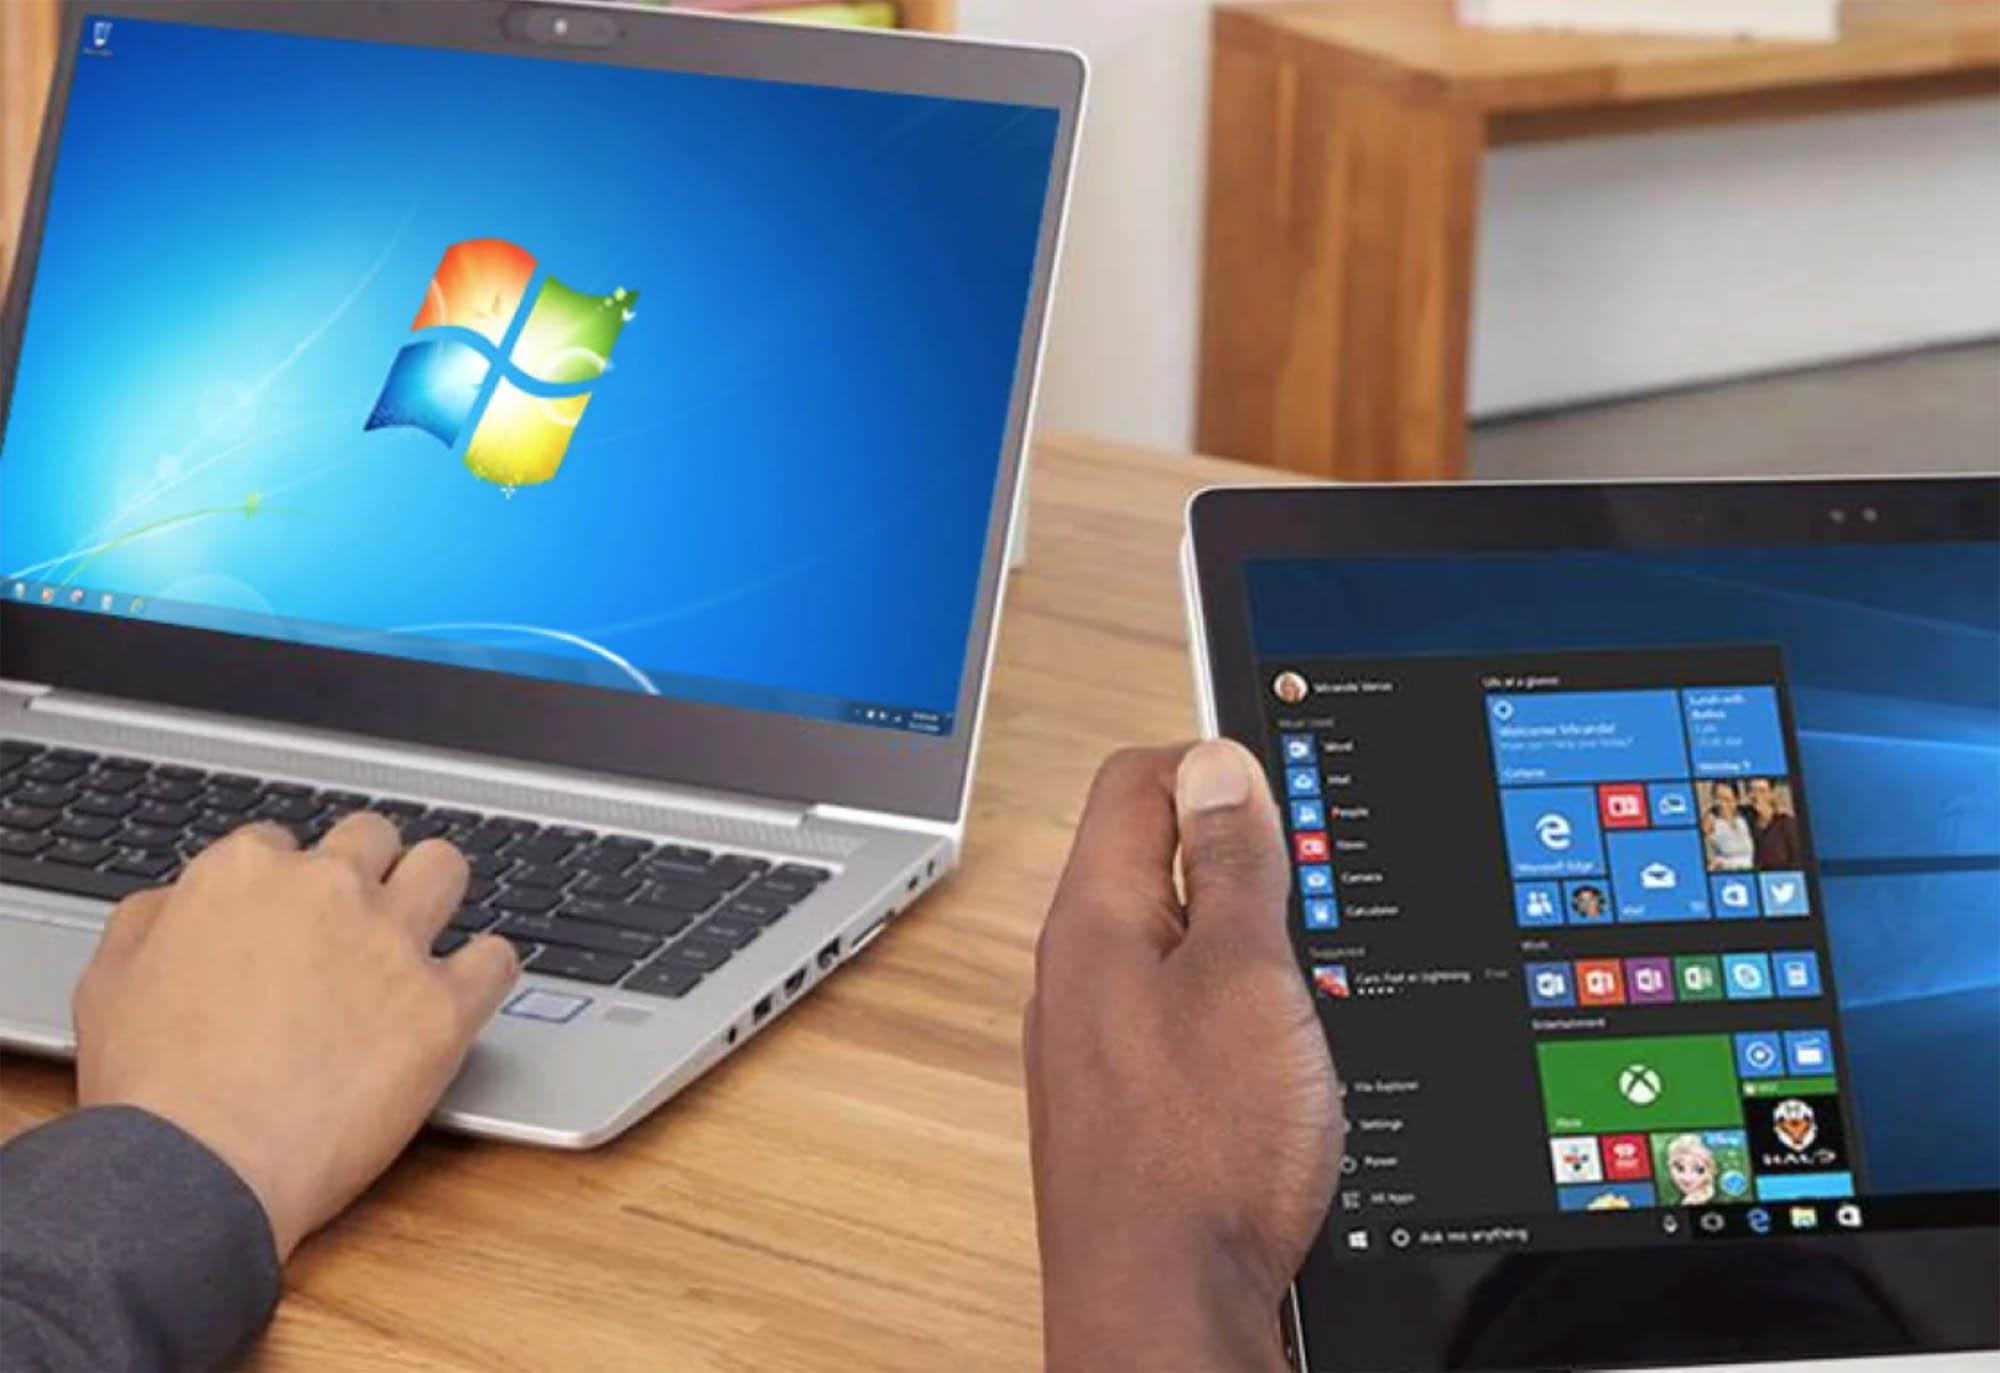 Windows 7 fine supporto e migrazione a Windows 10: perché è il momento giusto e quali sono gli errori da evitare